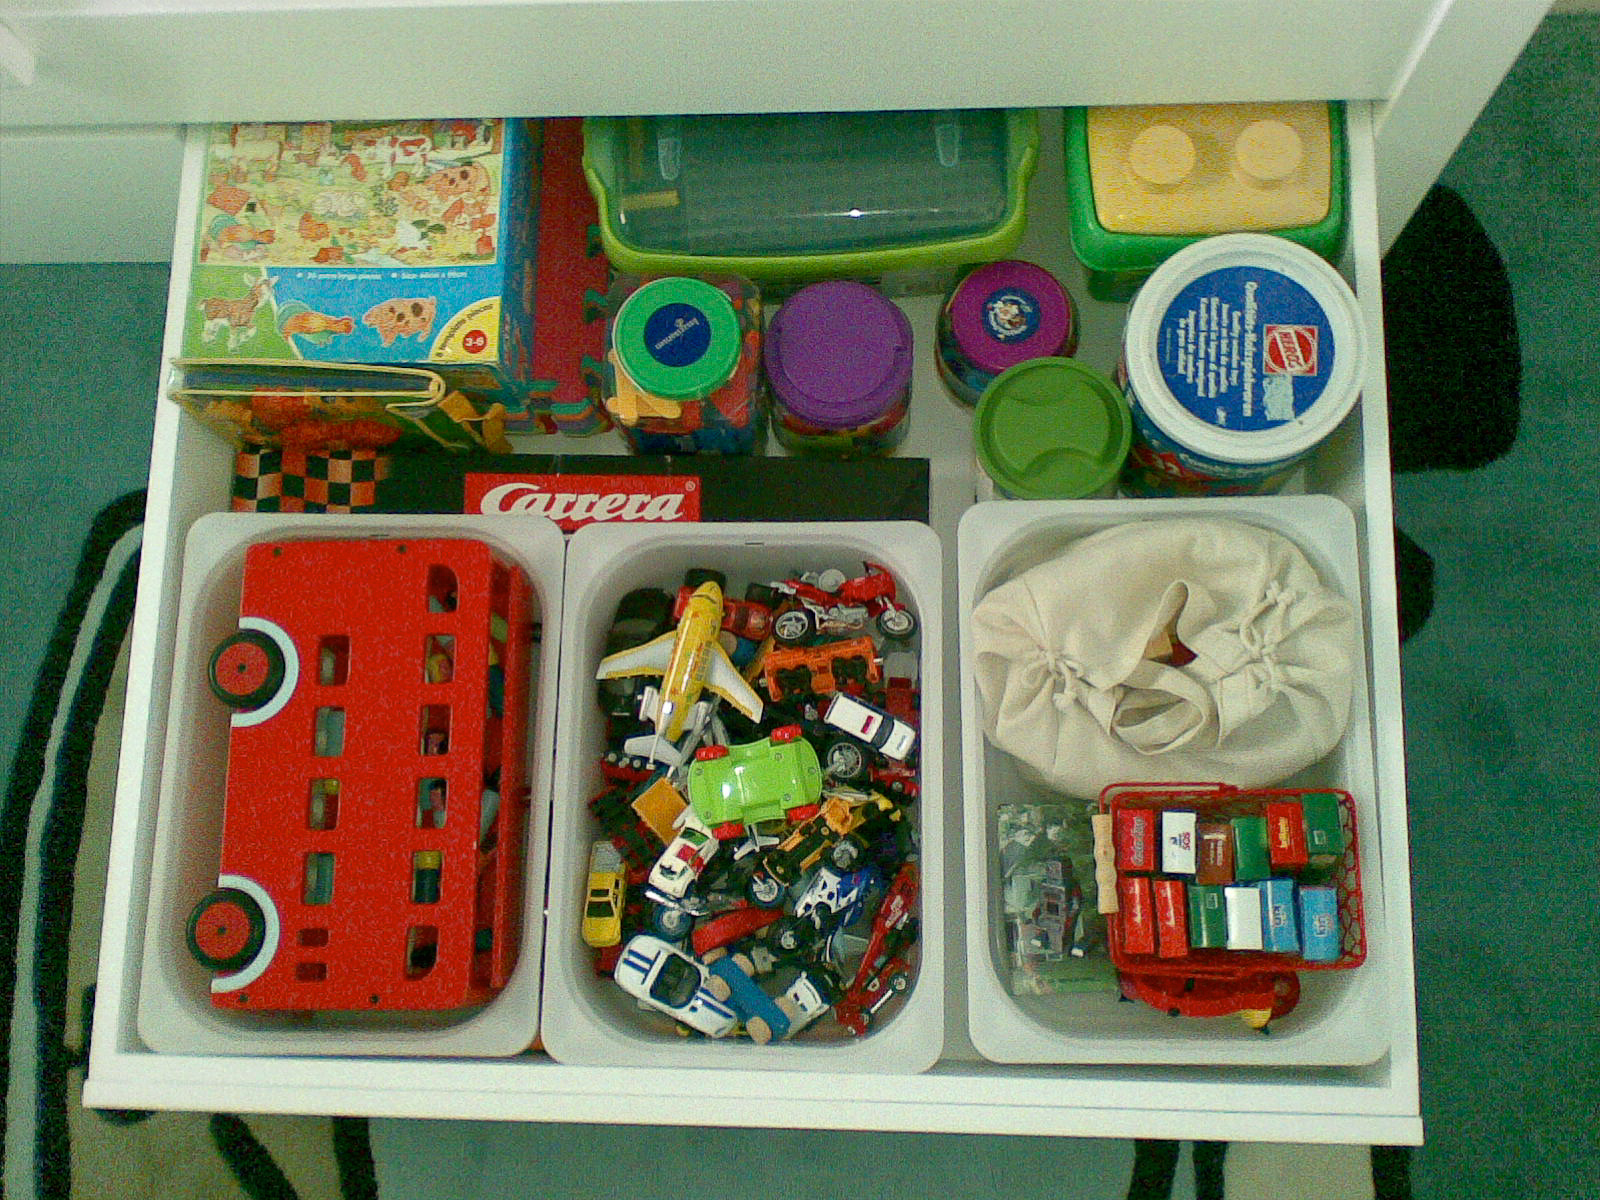 juguetes 5.jpg